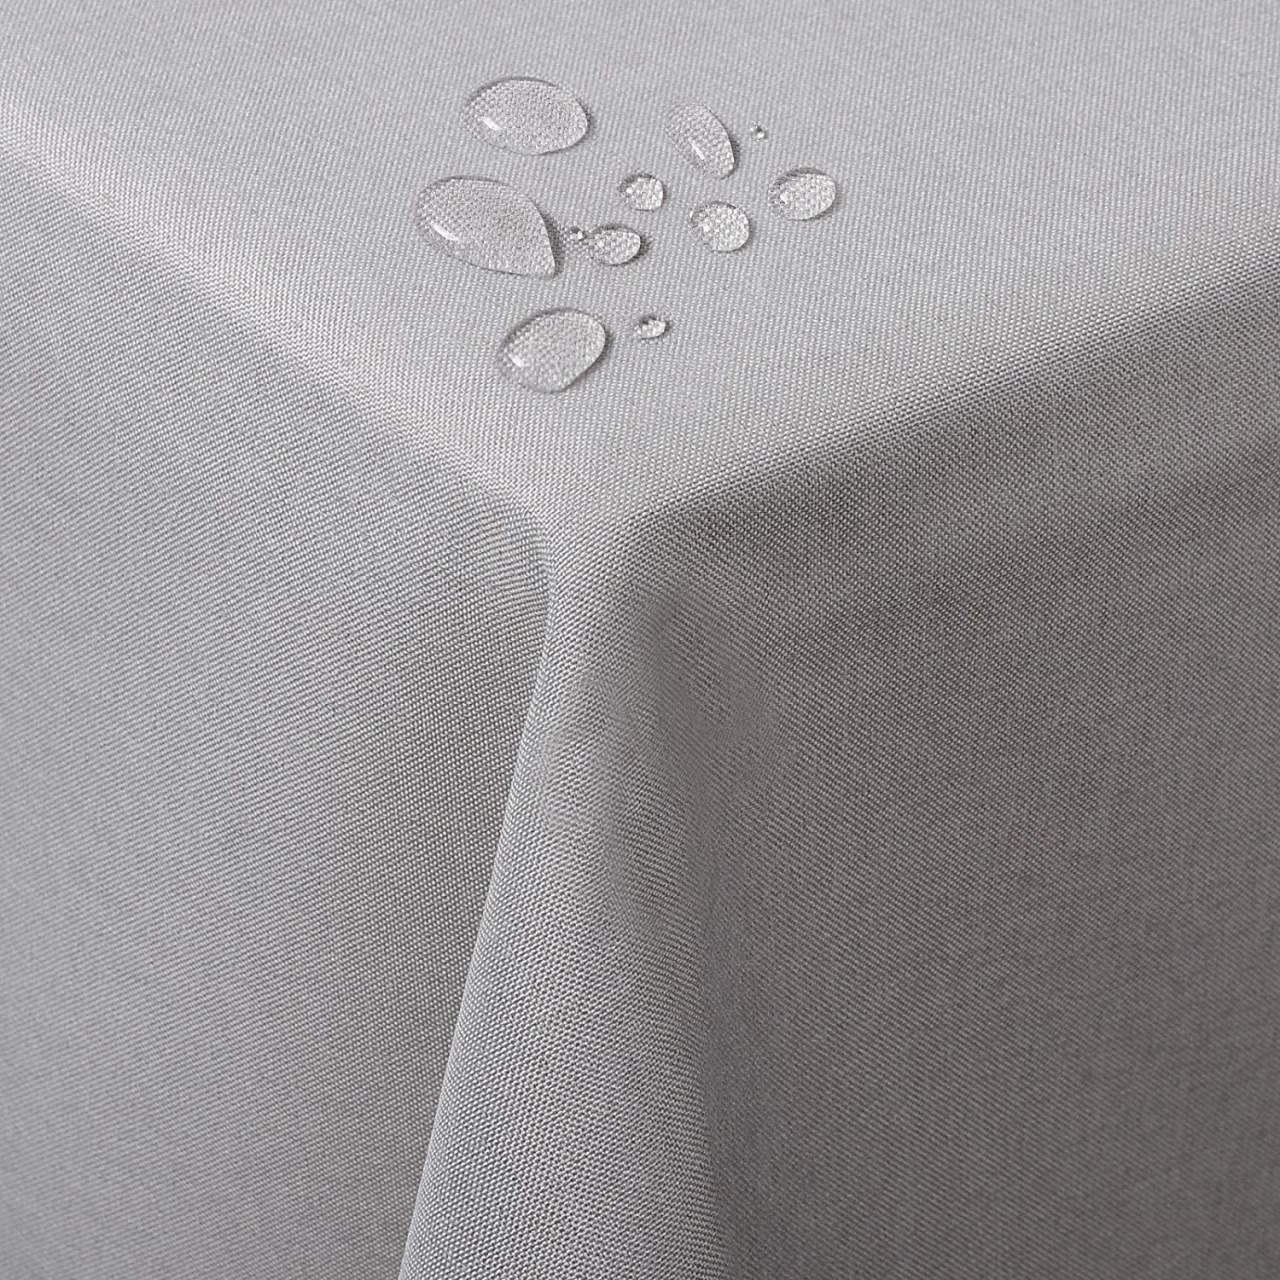 Mantel GRIS Claro Color Liso ⬛ Cuadrado 8 Sillas